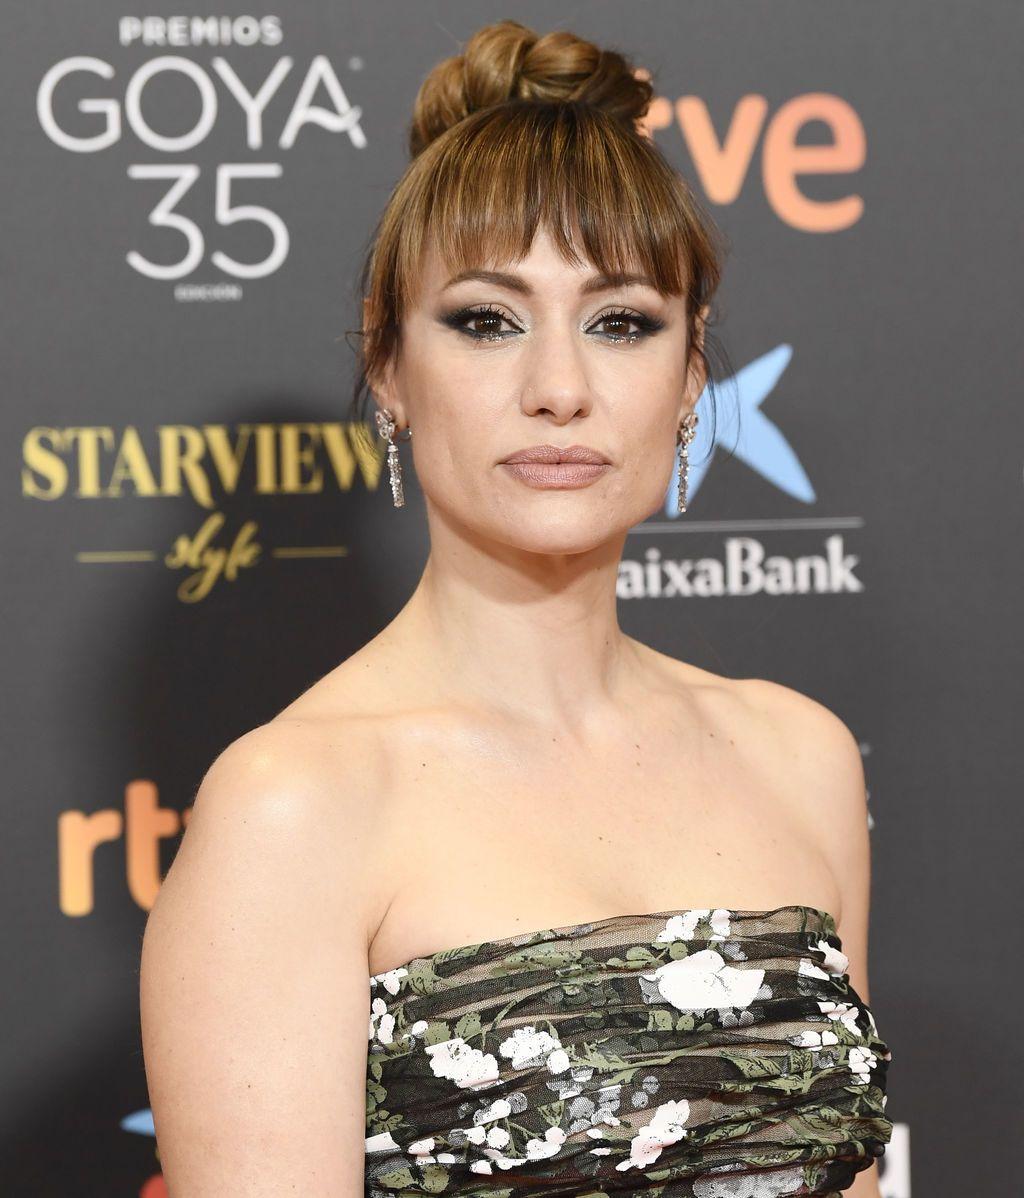 Natalia Verbeke en la alfombra roja de los Premios Goya 2021